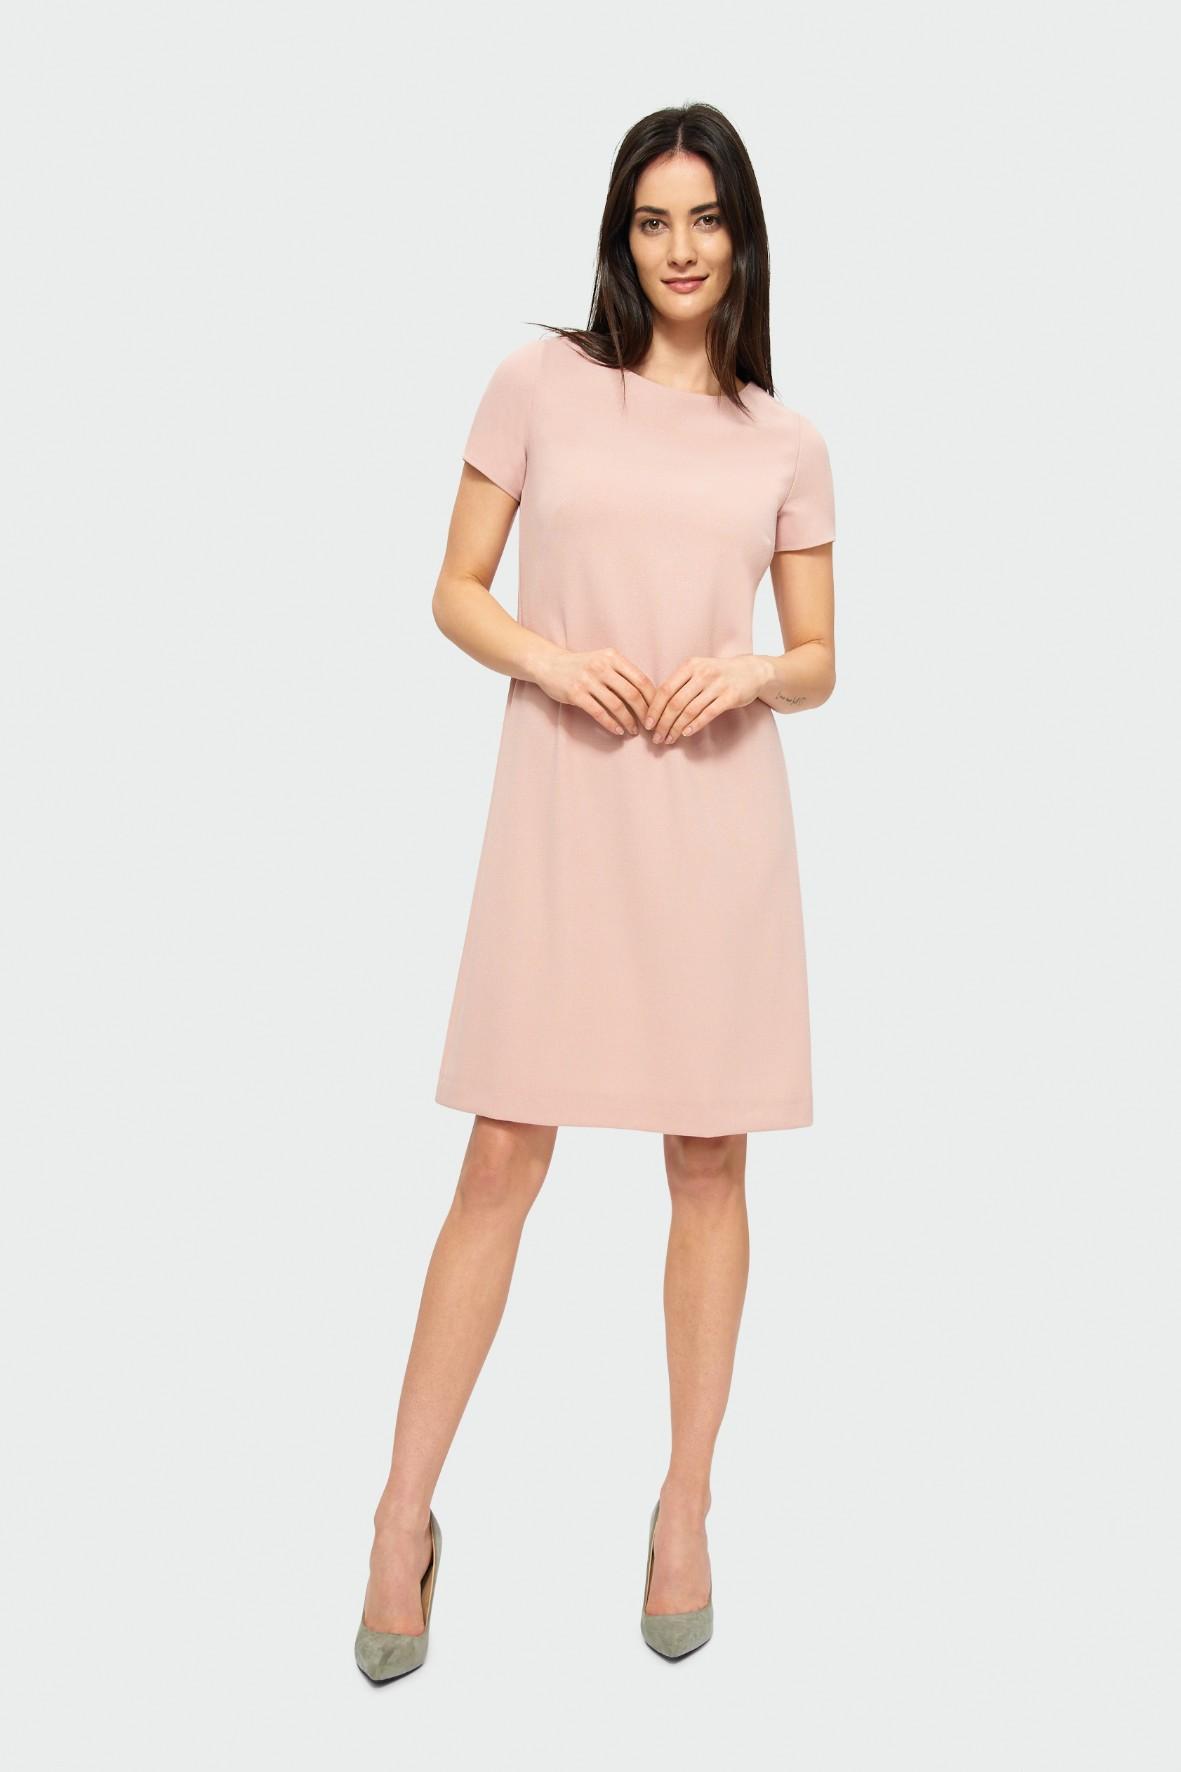 Prosta różowa sukienka z krótkim rękawem